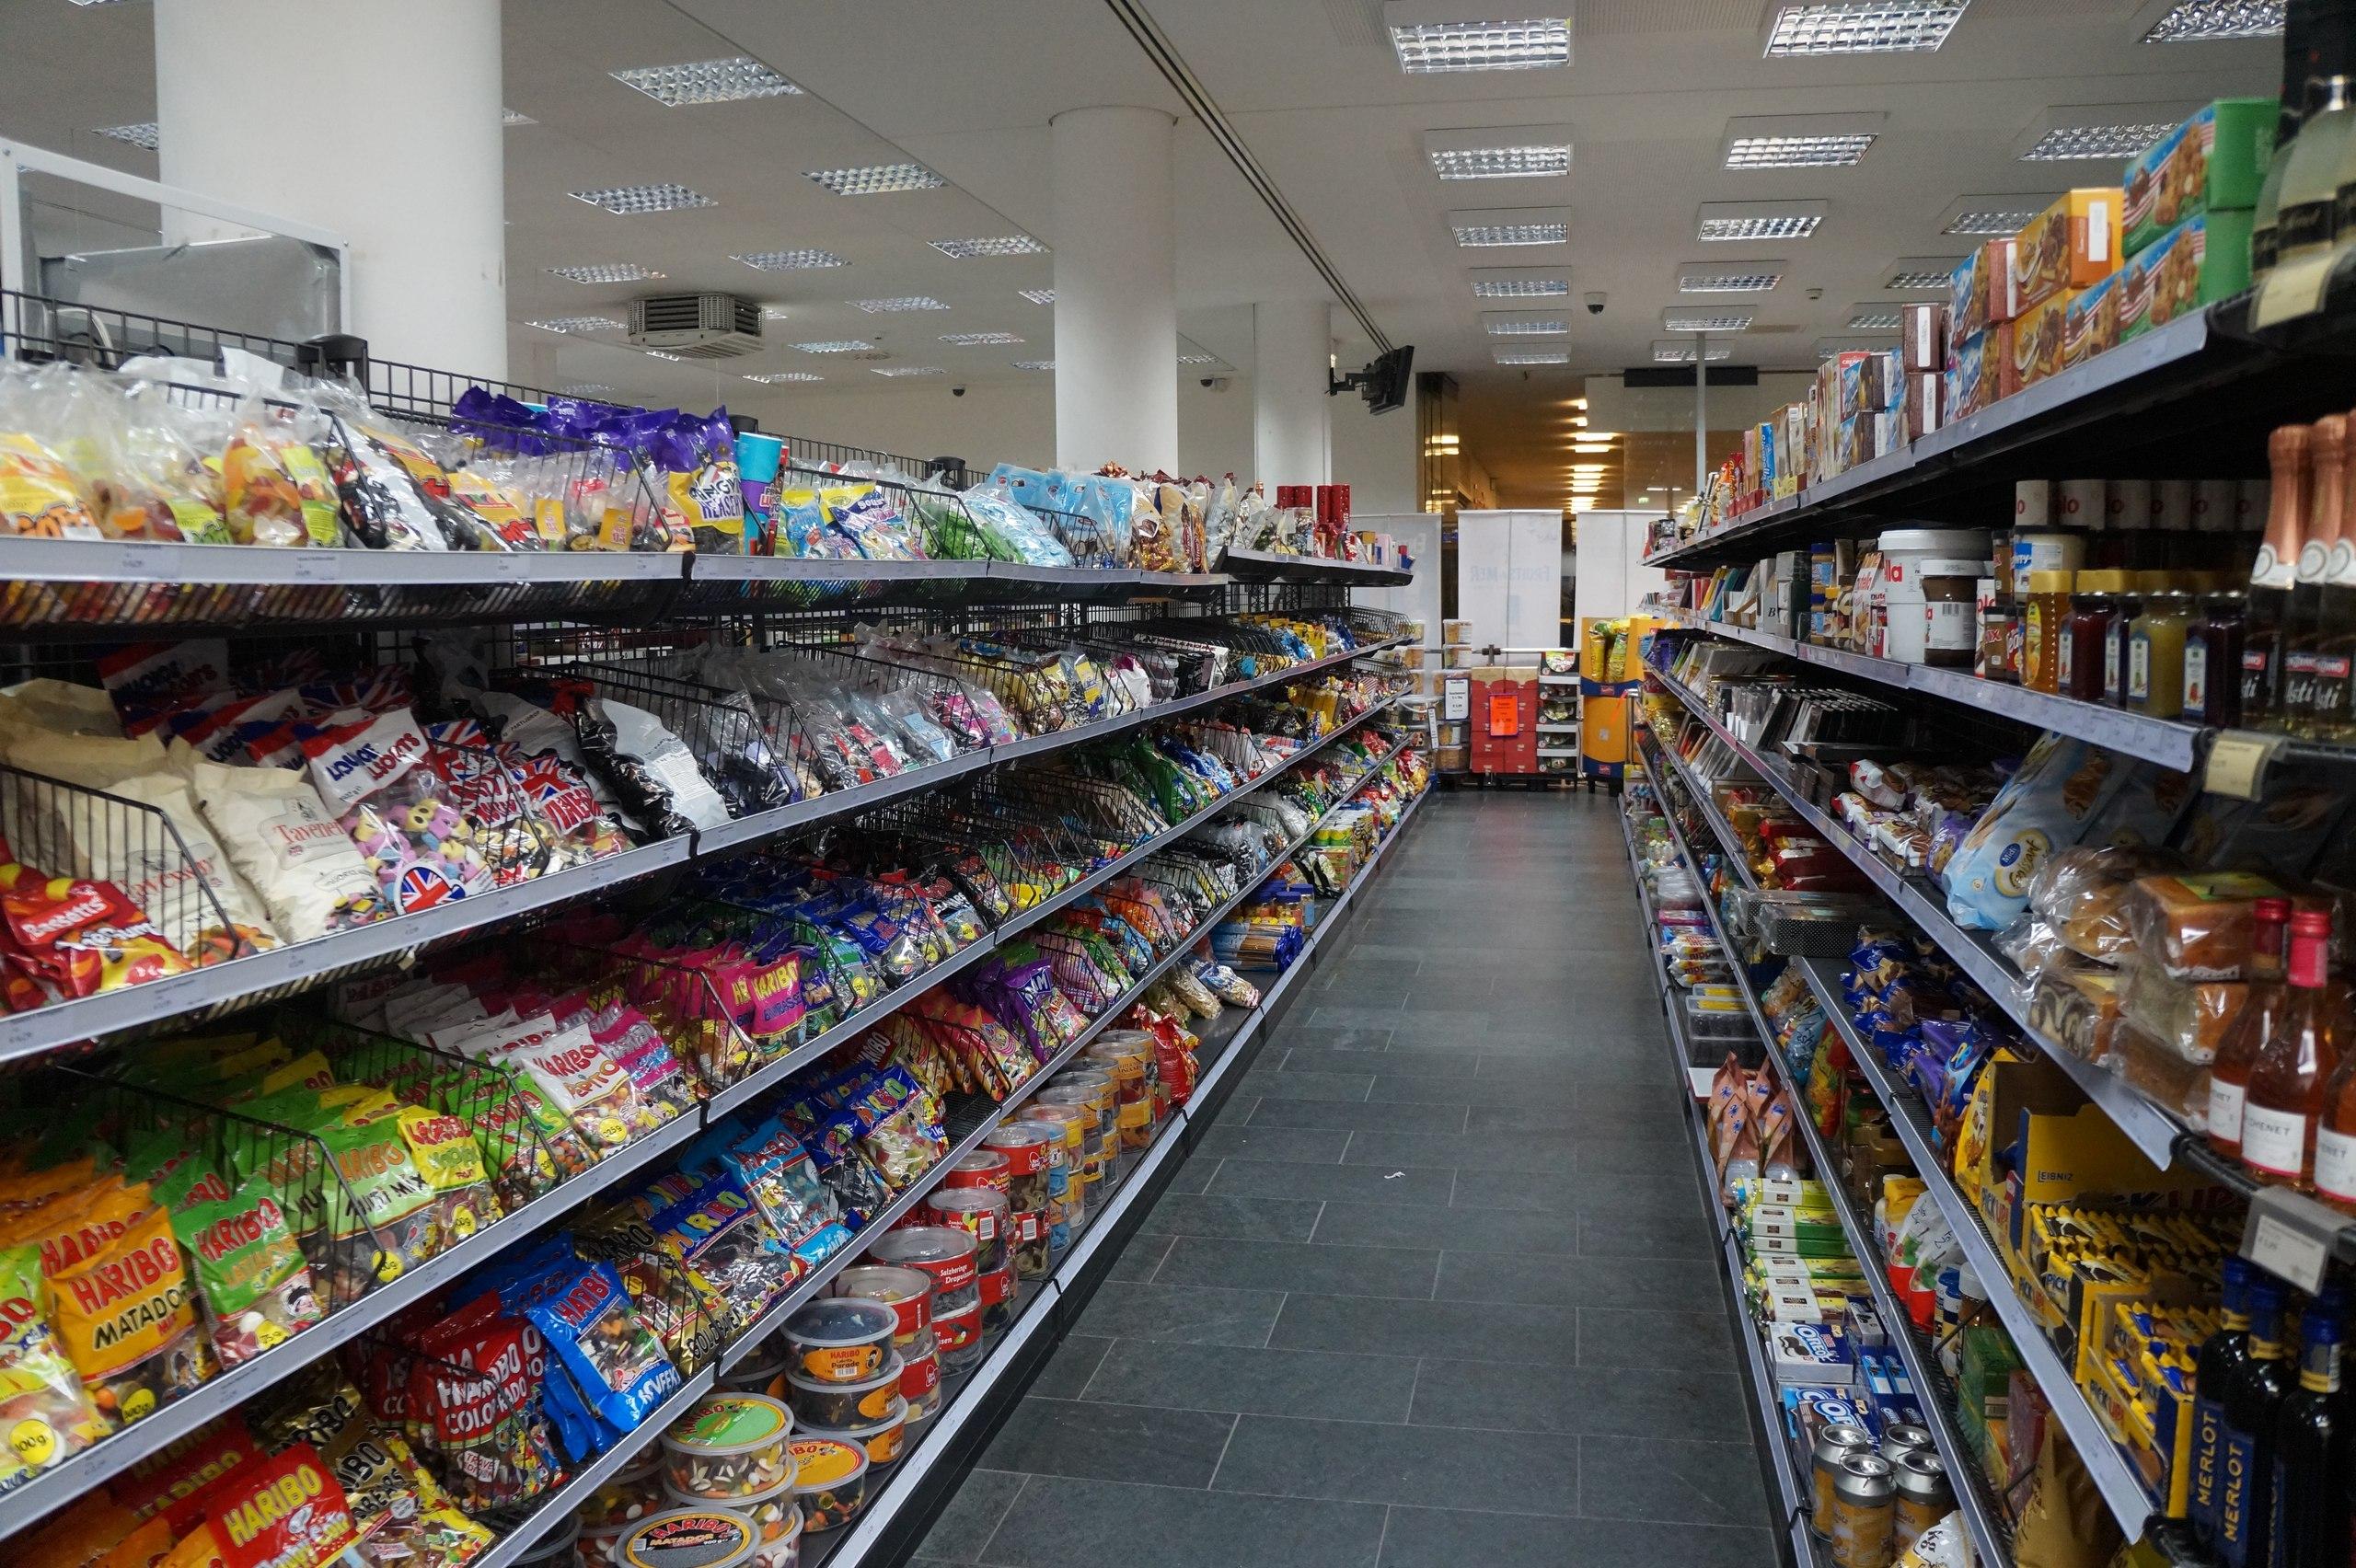 В Германии продают просрочку закон, супермаркете, когда, гдето, срока, скидкой, истечения, Германии, несколько, упаковок, достаточно, сладостей, дорогих, собираюсь, взять, решил, глянуть, сколько, чипсы, Вокруг